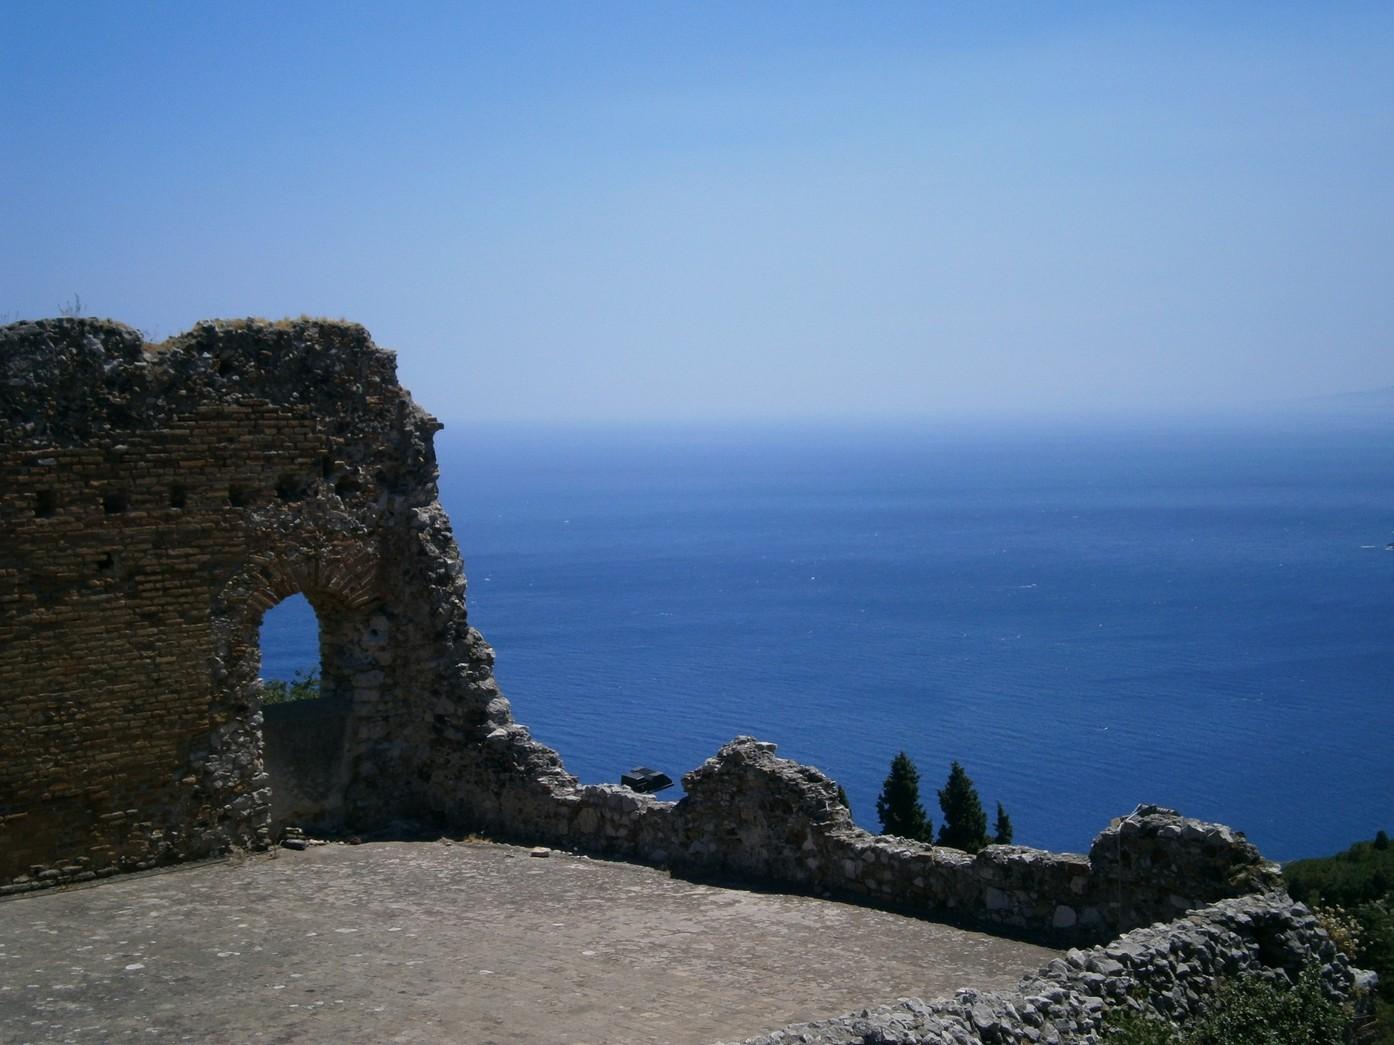 teatro greco taormina - vedere spre mare